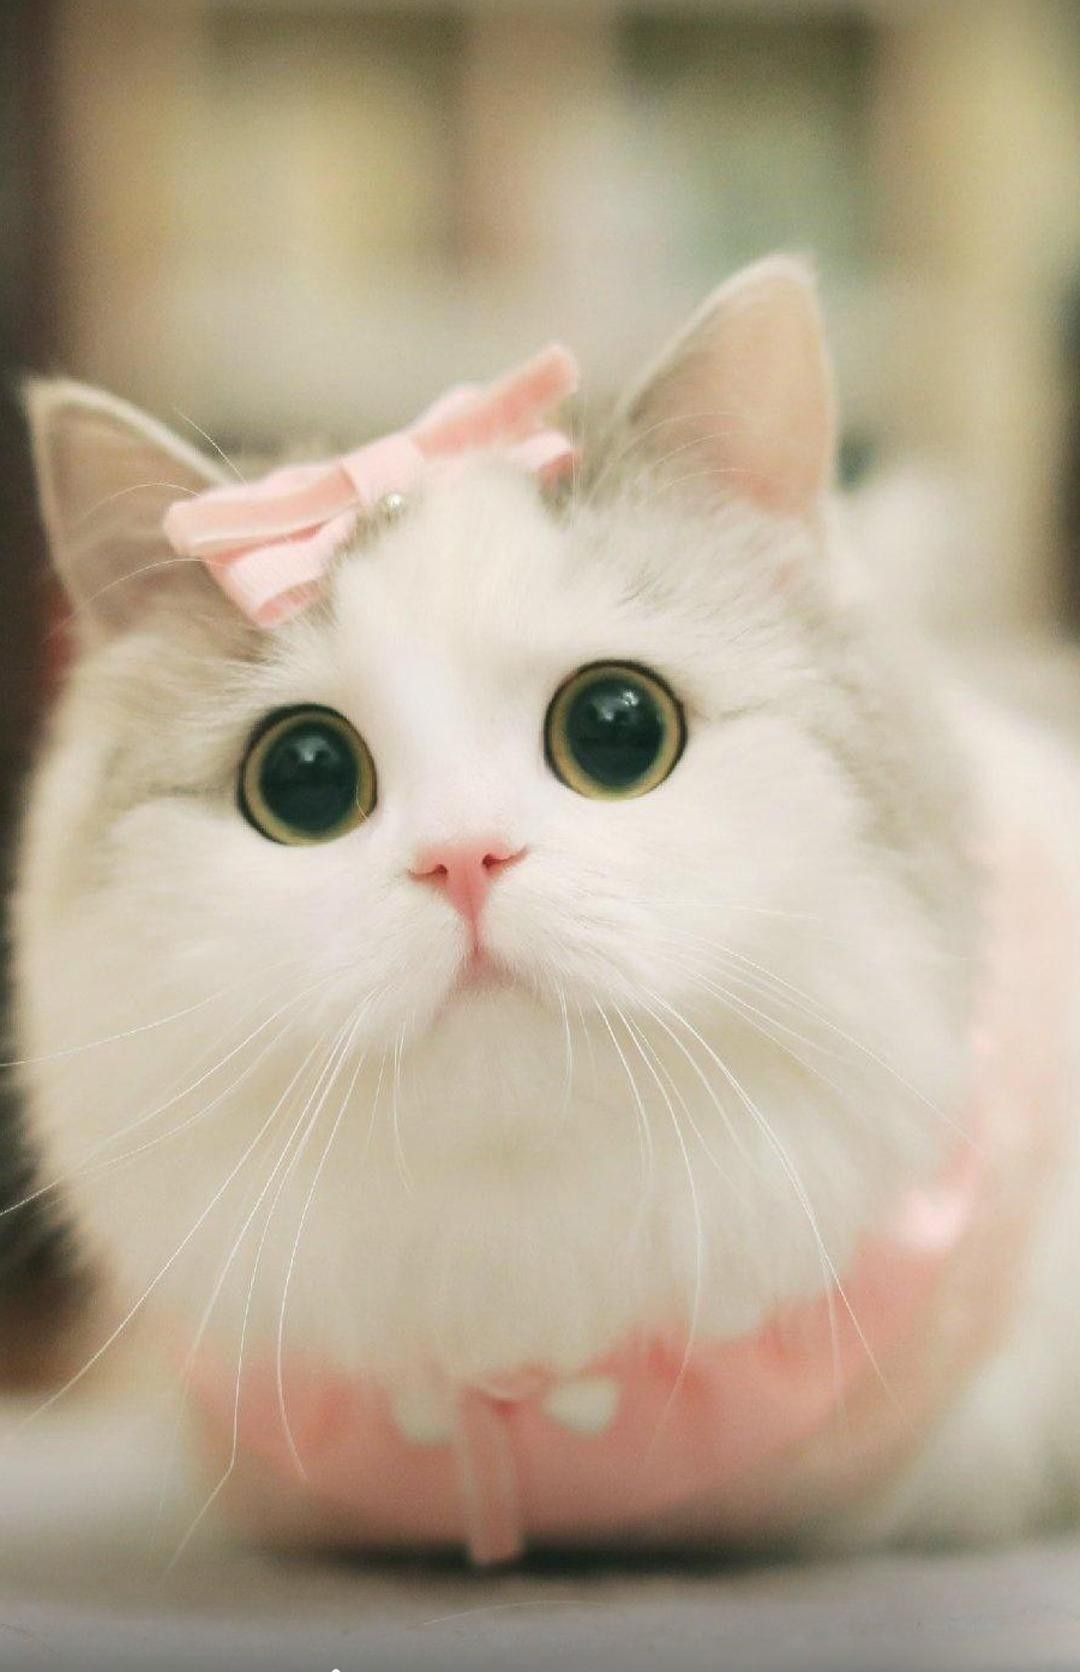 Ghim của Doi thanh trên Cute desu Mèo đẹp, Mèo kitty